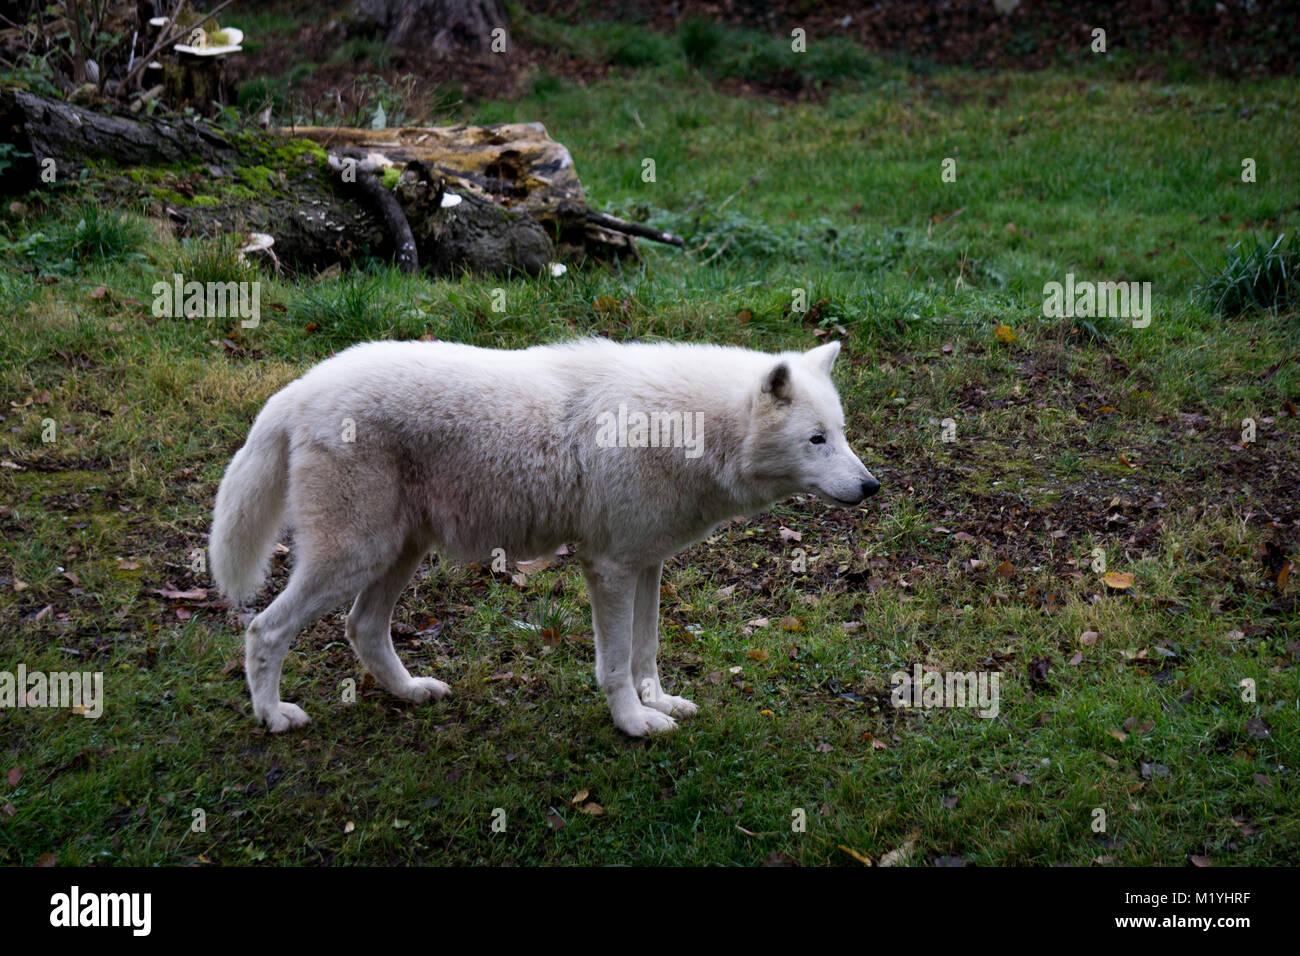 Majestic bianco, lupo polare prestando attenzione al movimento della distanza Immagini Stock